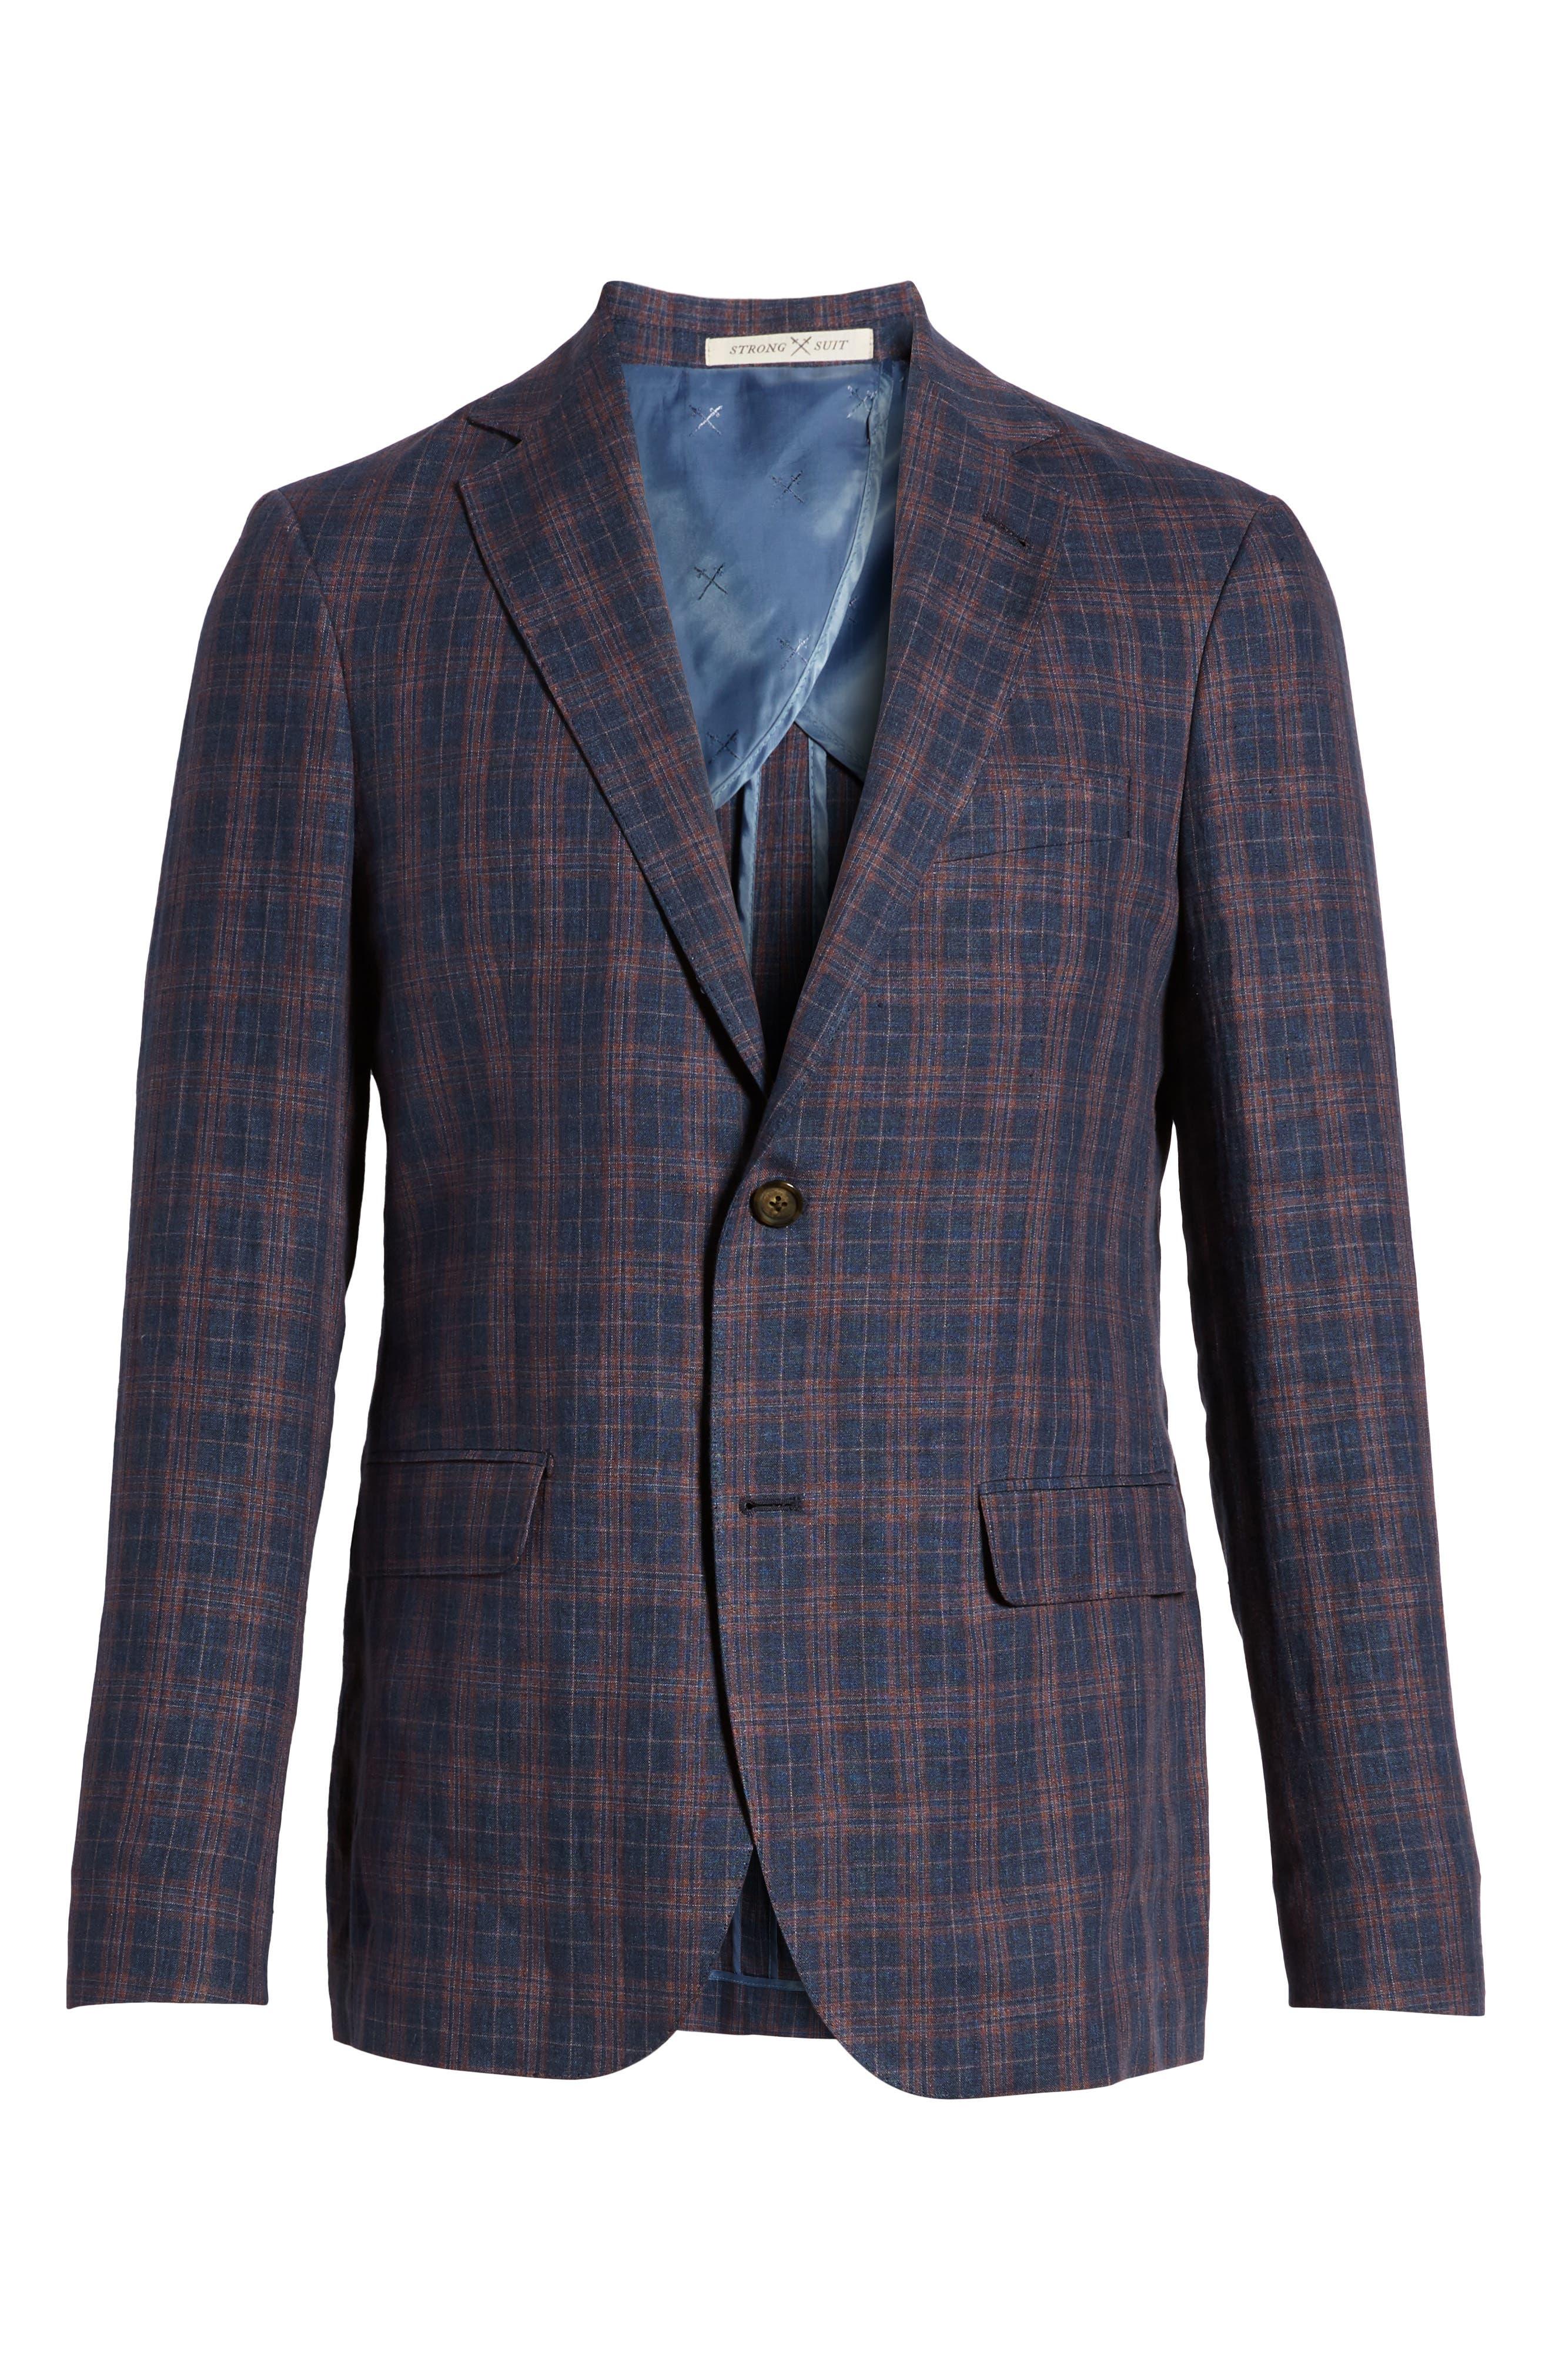 Vanquish Trim Fit Plaid Linen Sport Coat,                             Alternate thumbnail 6, color,                             Navy/ Red